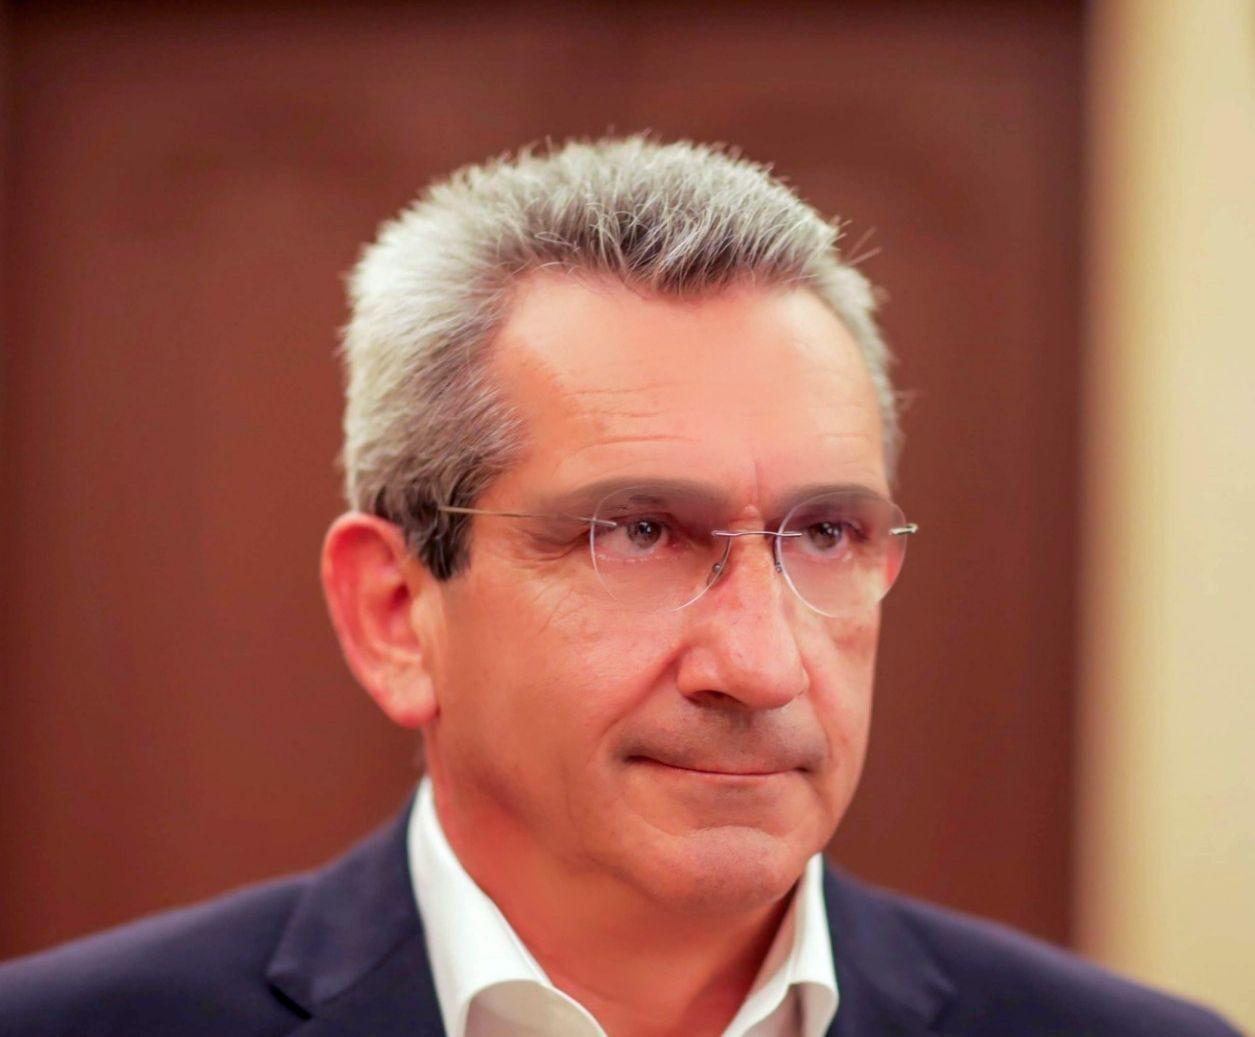 Ο Περιφερειάρχης, Γιώργος Χατζημάρκος, μέλος του Συμβουλίου Νησιωτικής Πολιτικής, ως εκπρόσωπος της ΕΝΠΕ